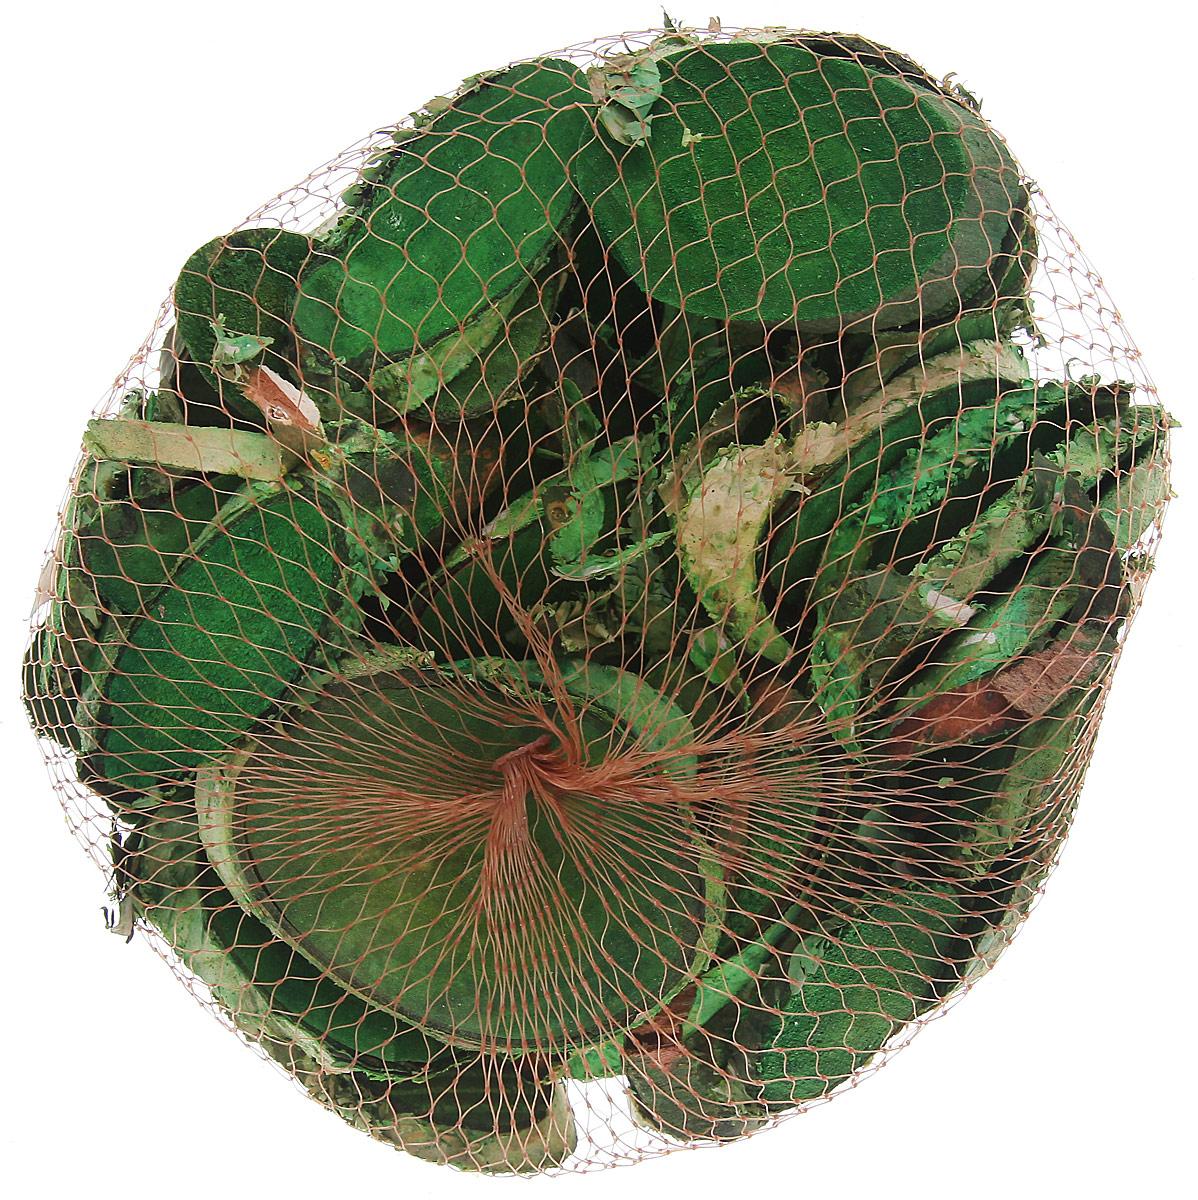 Декоративный элемент Dongjiang Art Срез ветки, цвет: зеленый, толщина 7 мм, 250 г7708981_зеленыйДекоративный элемент Dongjiang Art Срез ветки изготовлен из дерева.Изделие предназначено для декорирования. Срез может пригодиться во флористике и многом другом. Декоративный элемент представляет собой тонкий срез ветки. Флористика - вид декоративно-прикладного искусства, который использует живые, засушенные или консервированные природные материалы для создания флористических работ. Это целый мир, в котором есть место и строгому математическому расчету, и вдохновению, полету фантазии. Толщина среза: 7 мм.